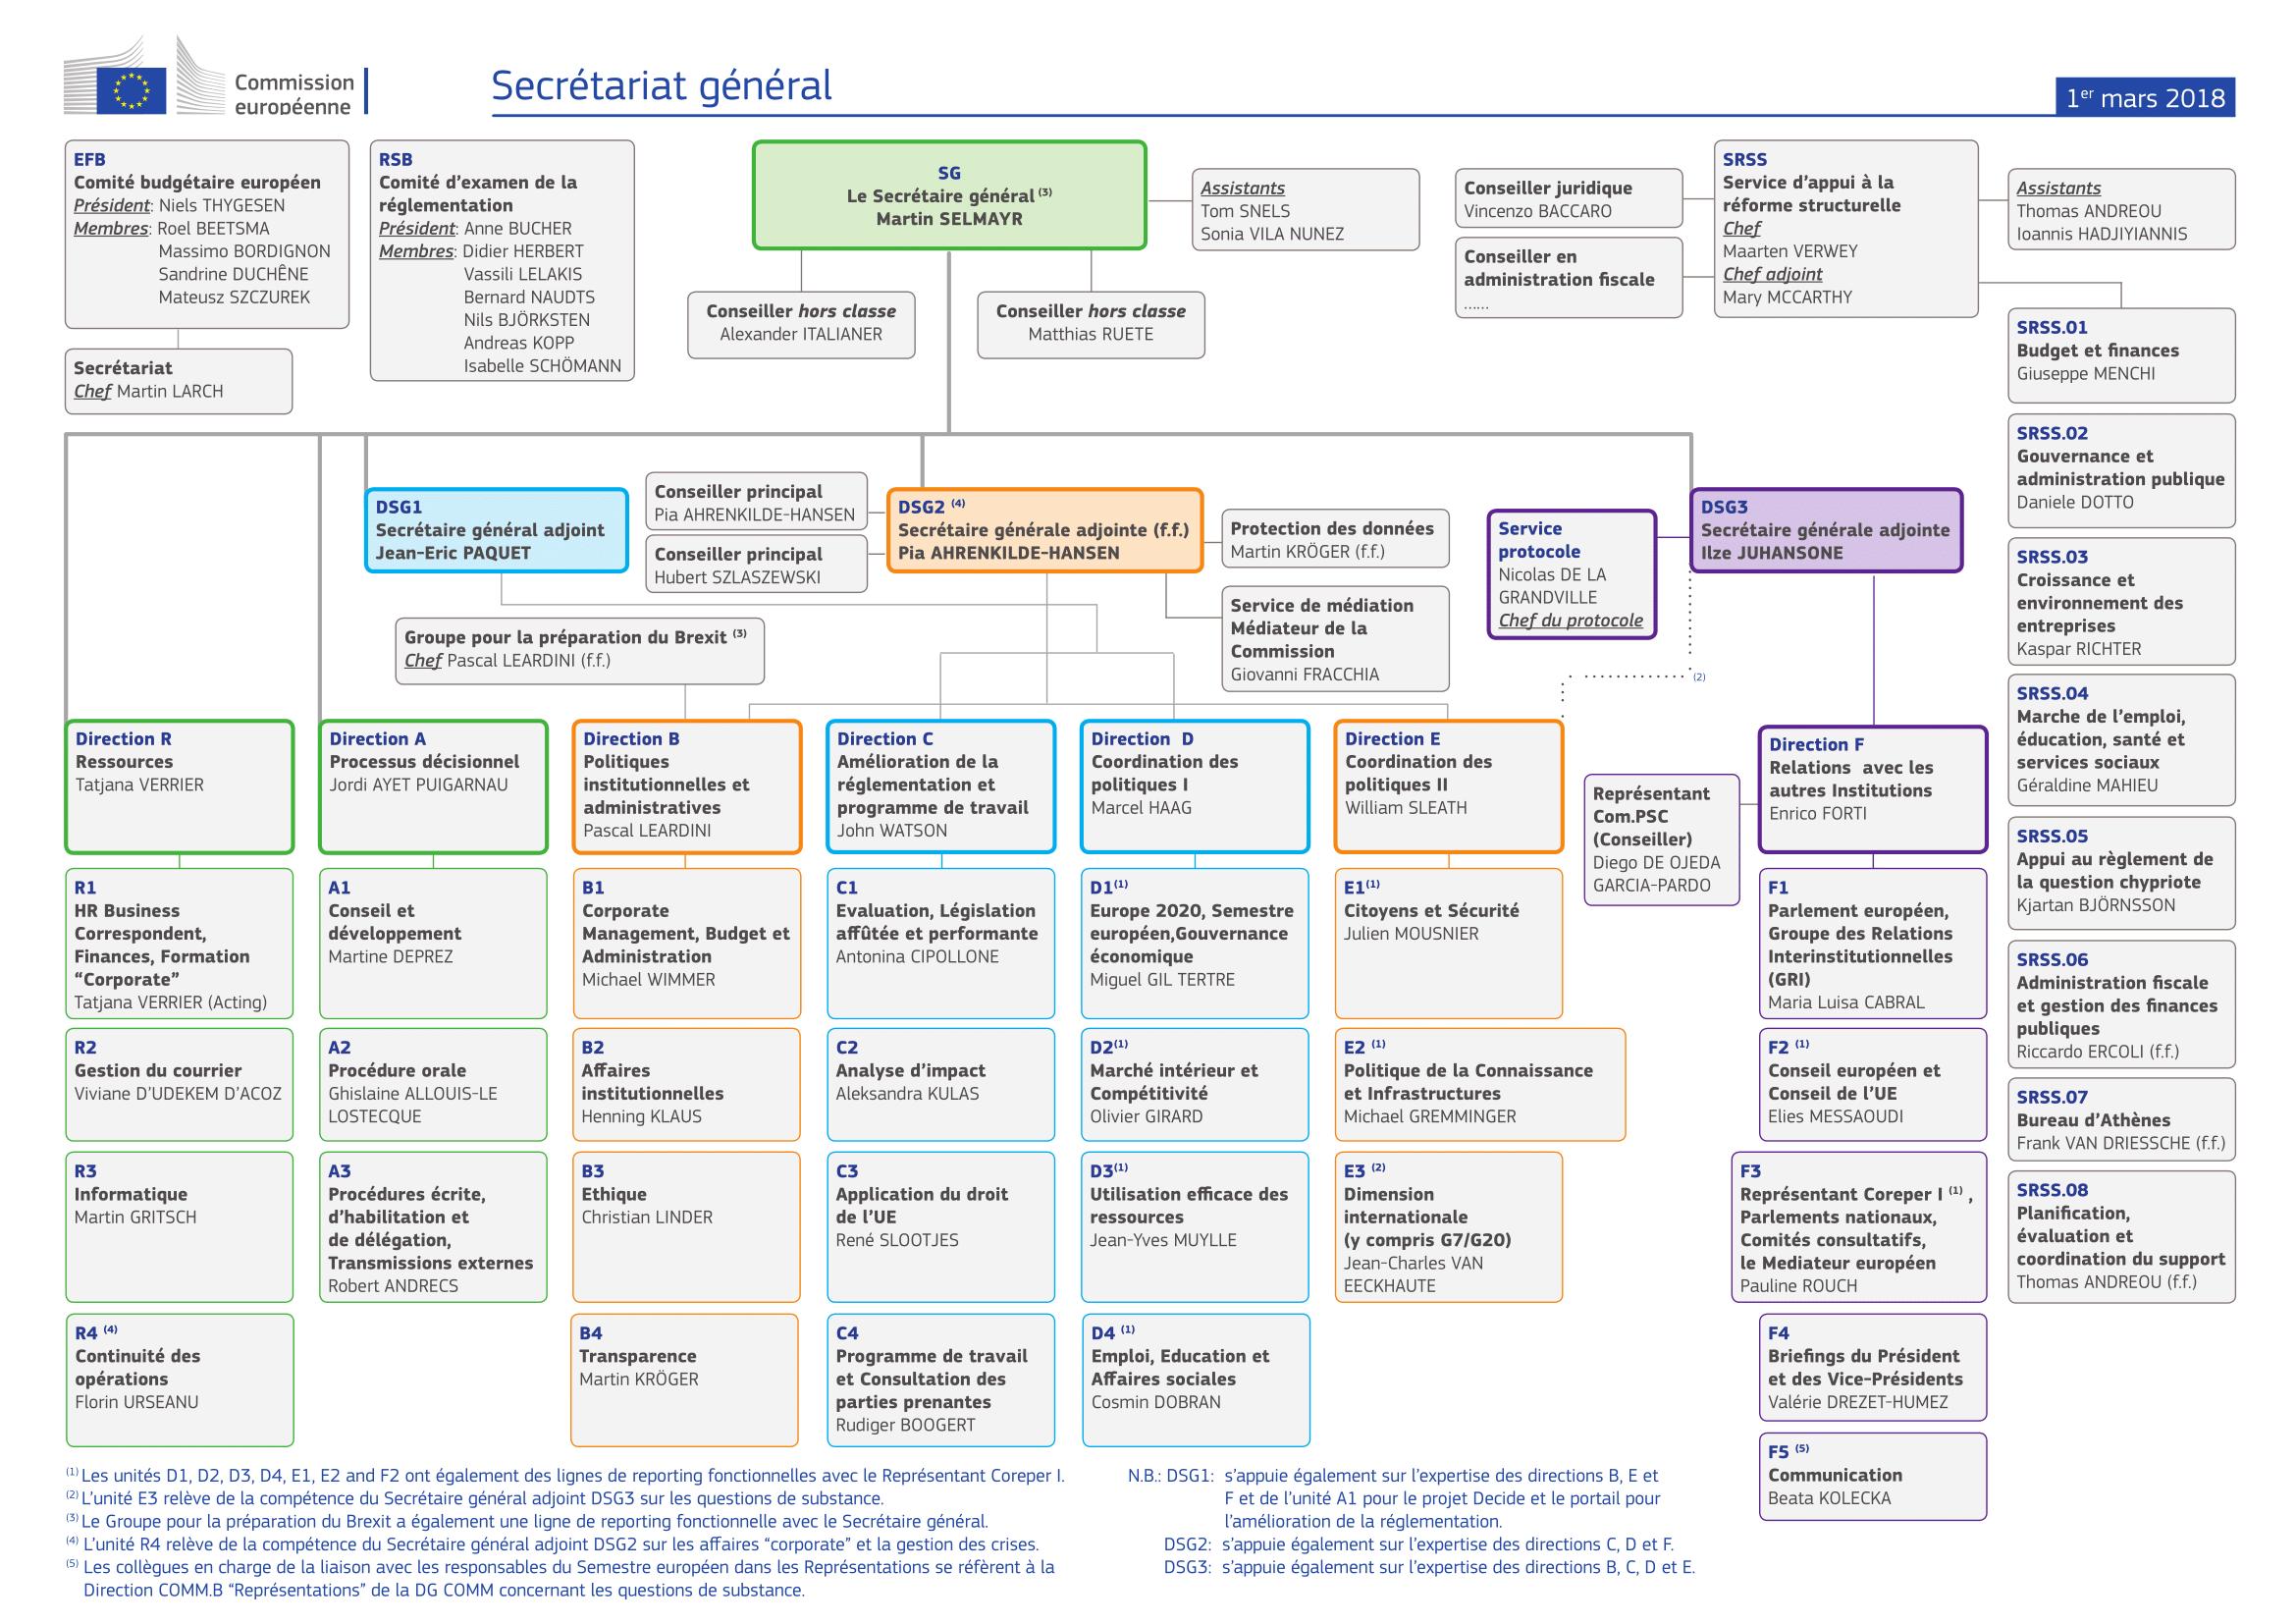 secretariat-general-organisation-chart_fr_8-1 2